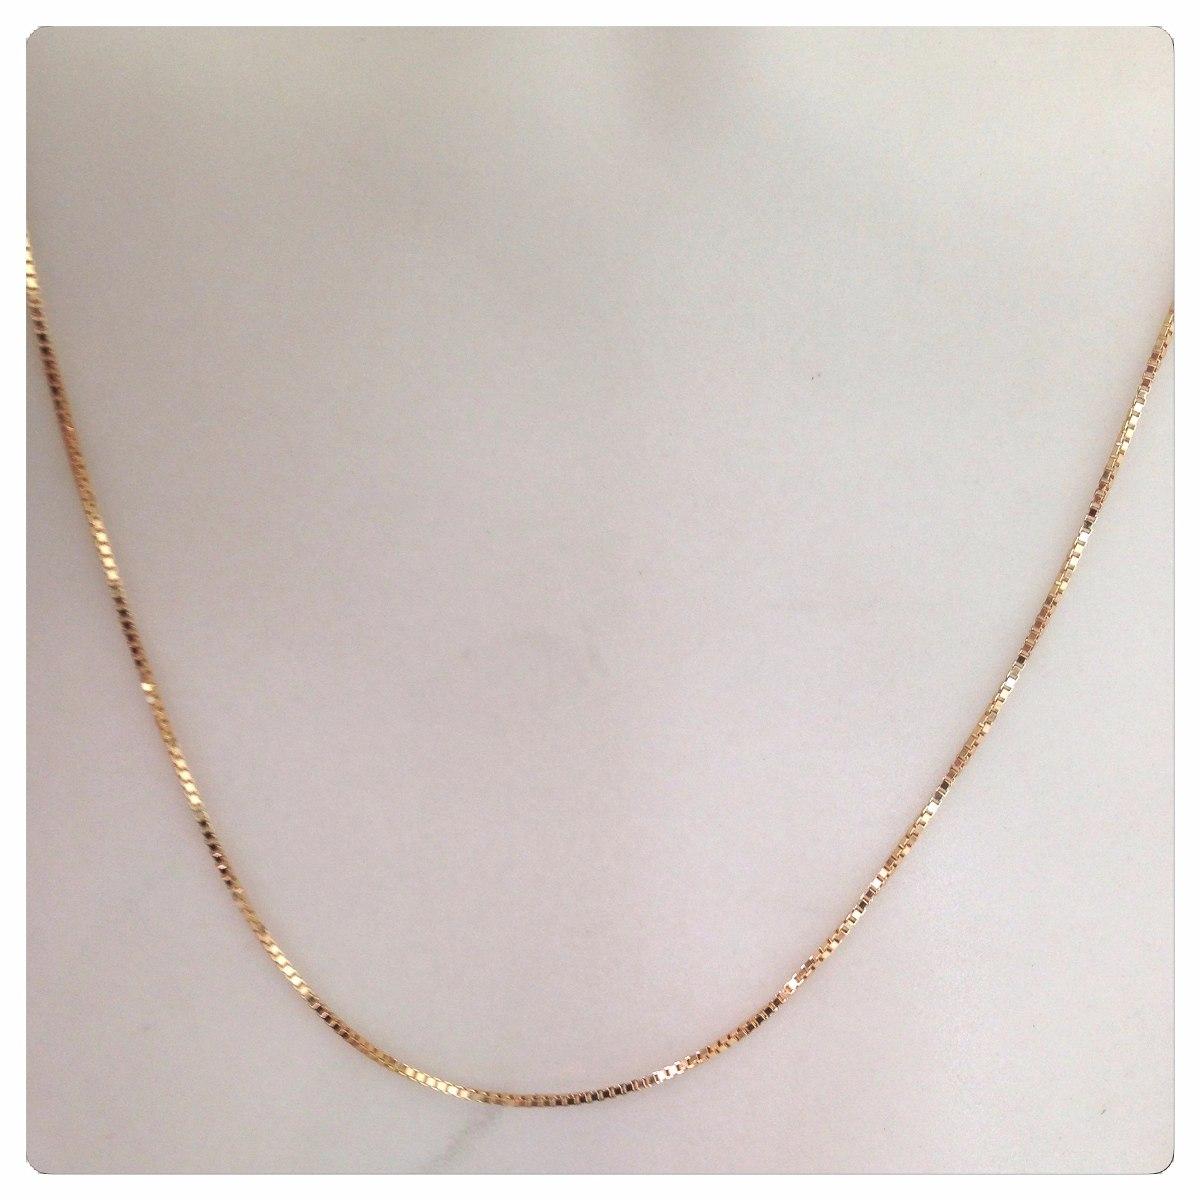 41ab6ead05782 corrente cordão veneziana 1.9 gramas 40cm em ouro 18k. Carregando zoom.